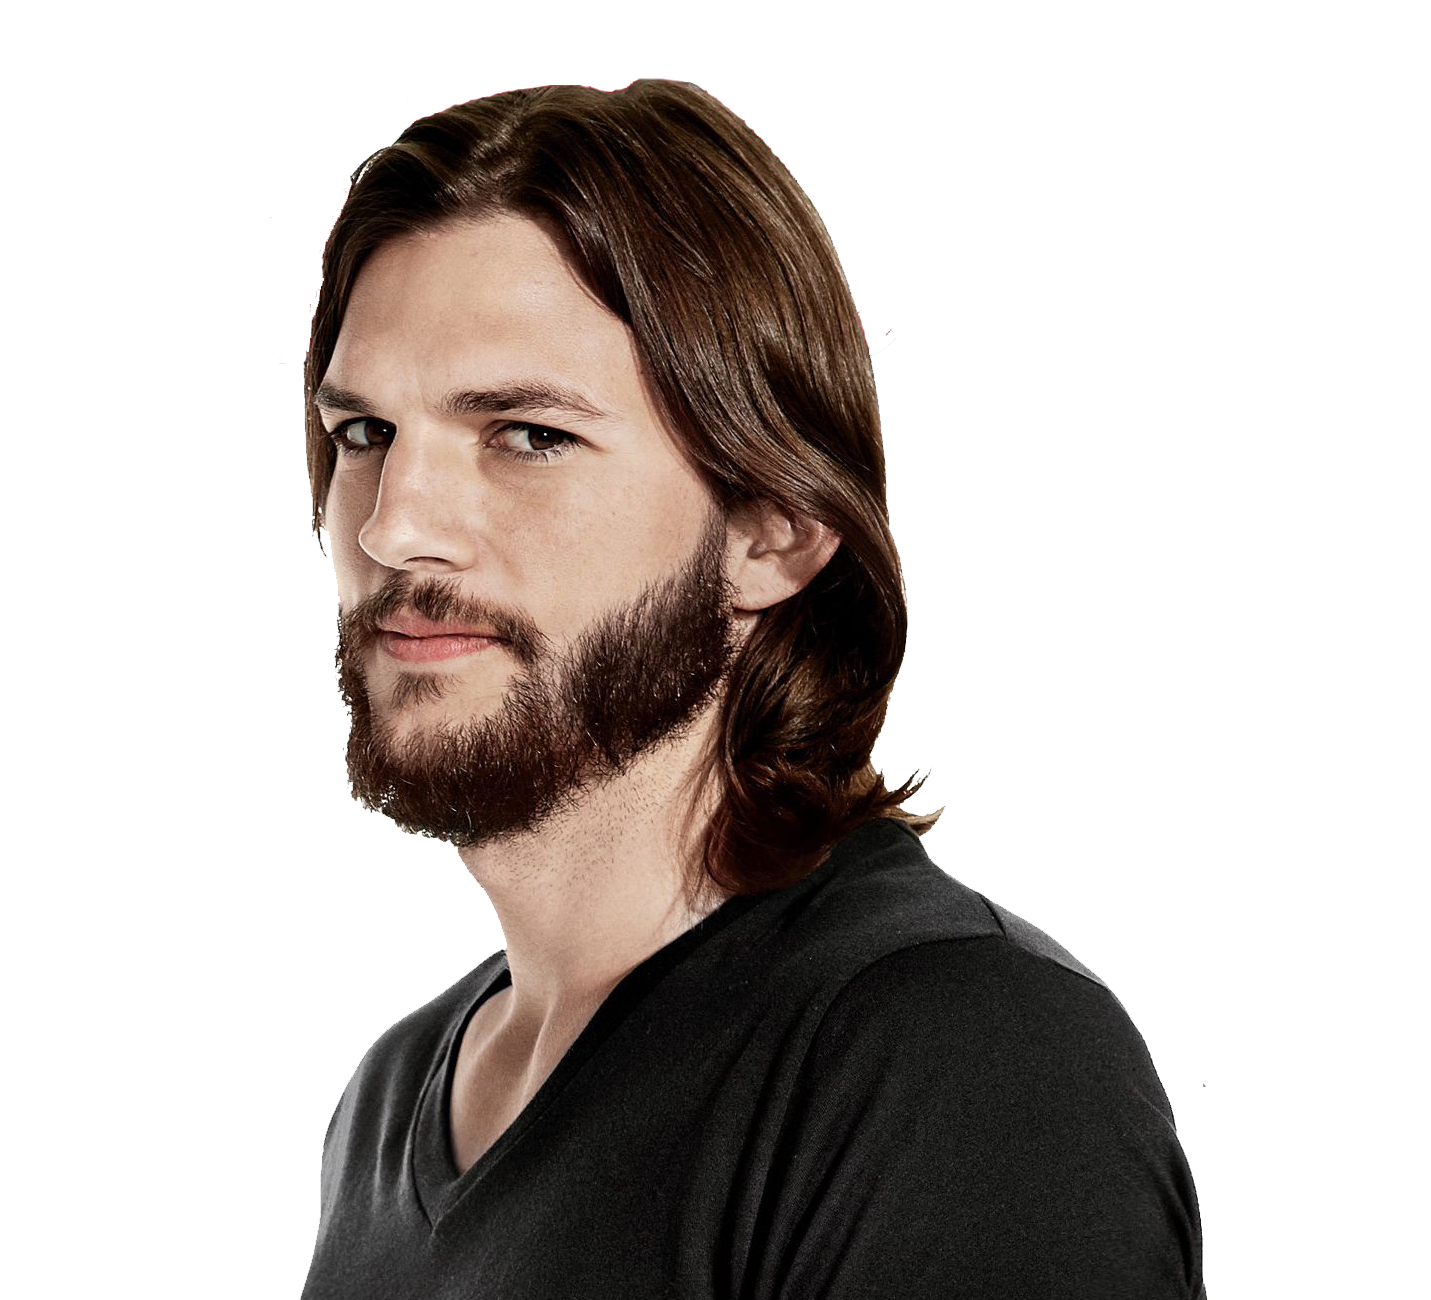 ashton kutcher wikipedia